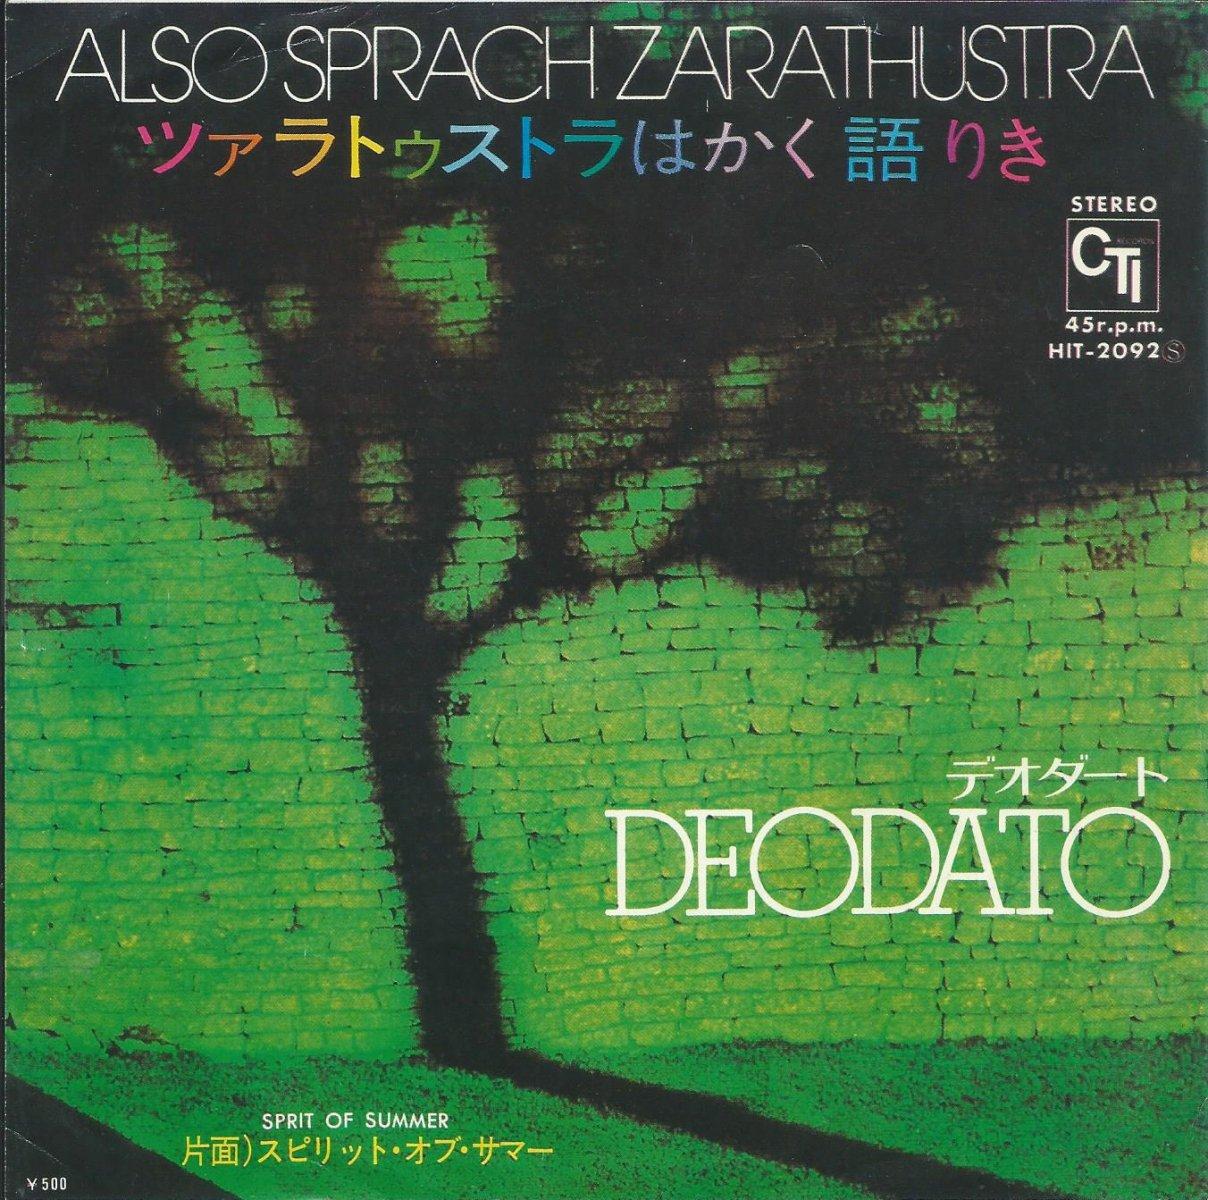 デオダート DEODATO / ツァラトゥストラはかく語りき ALSO SPRACH ZARATHUSTRA (7